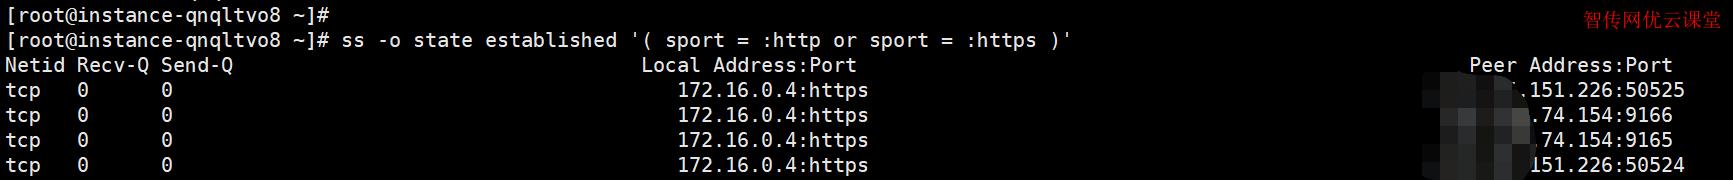 使用ss命令列出所有连接